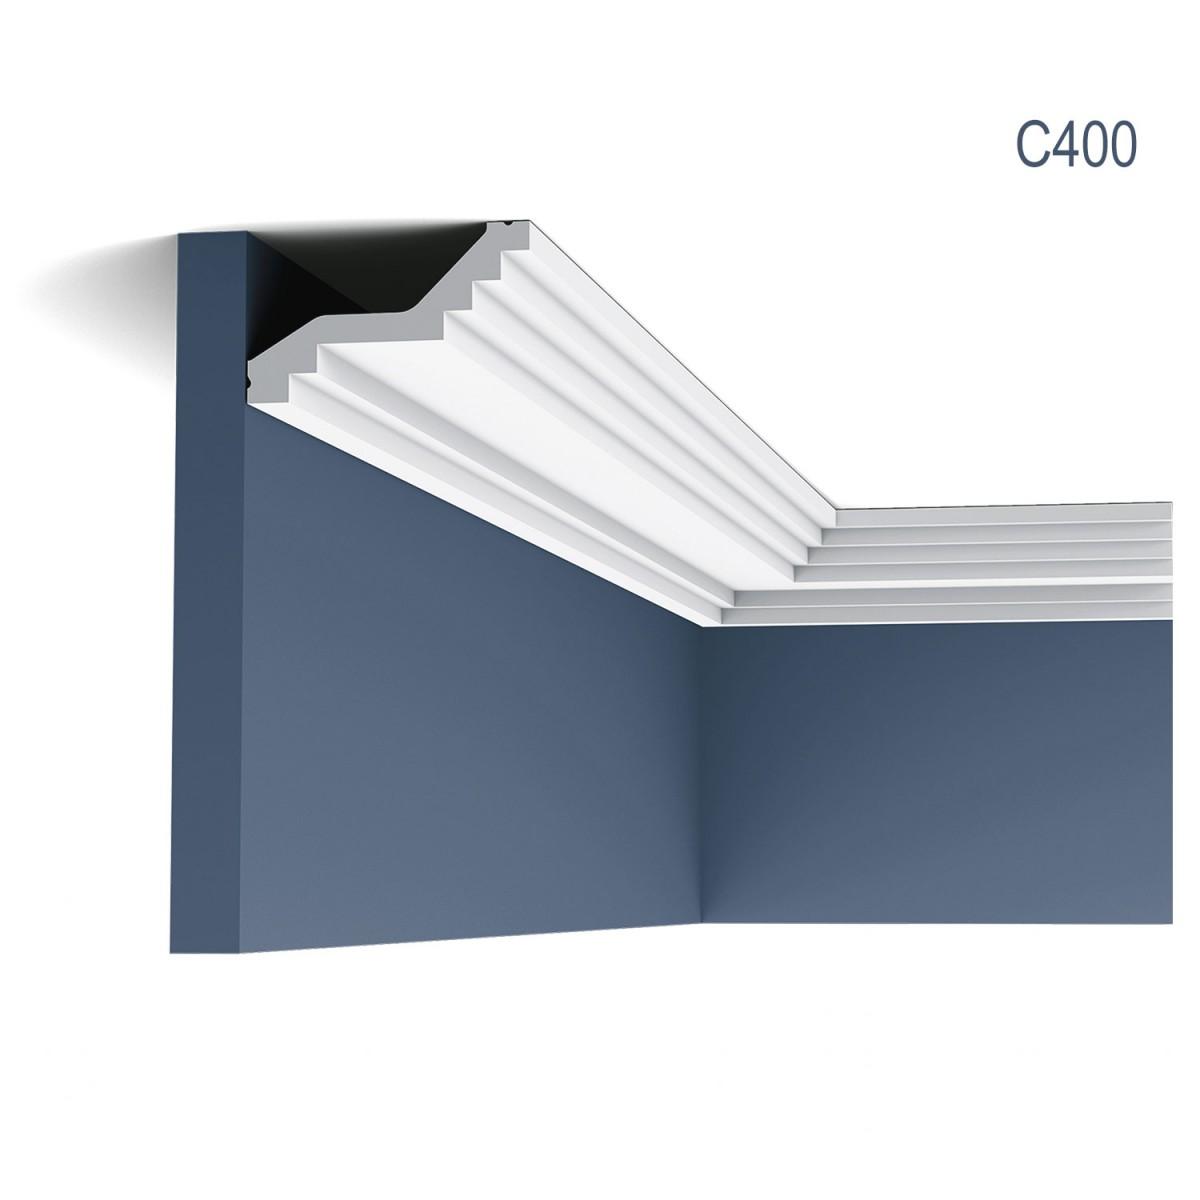 Cornisa Luxxus C400, Dimensiuni: 200 X 6 X 10 cm, Orac Decor